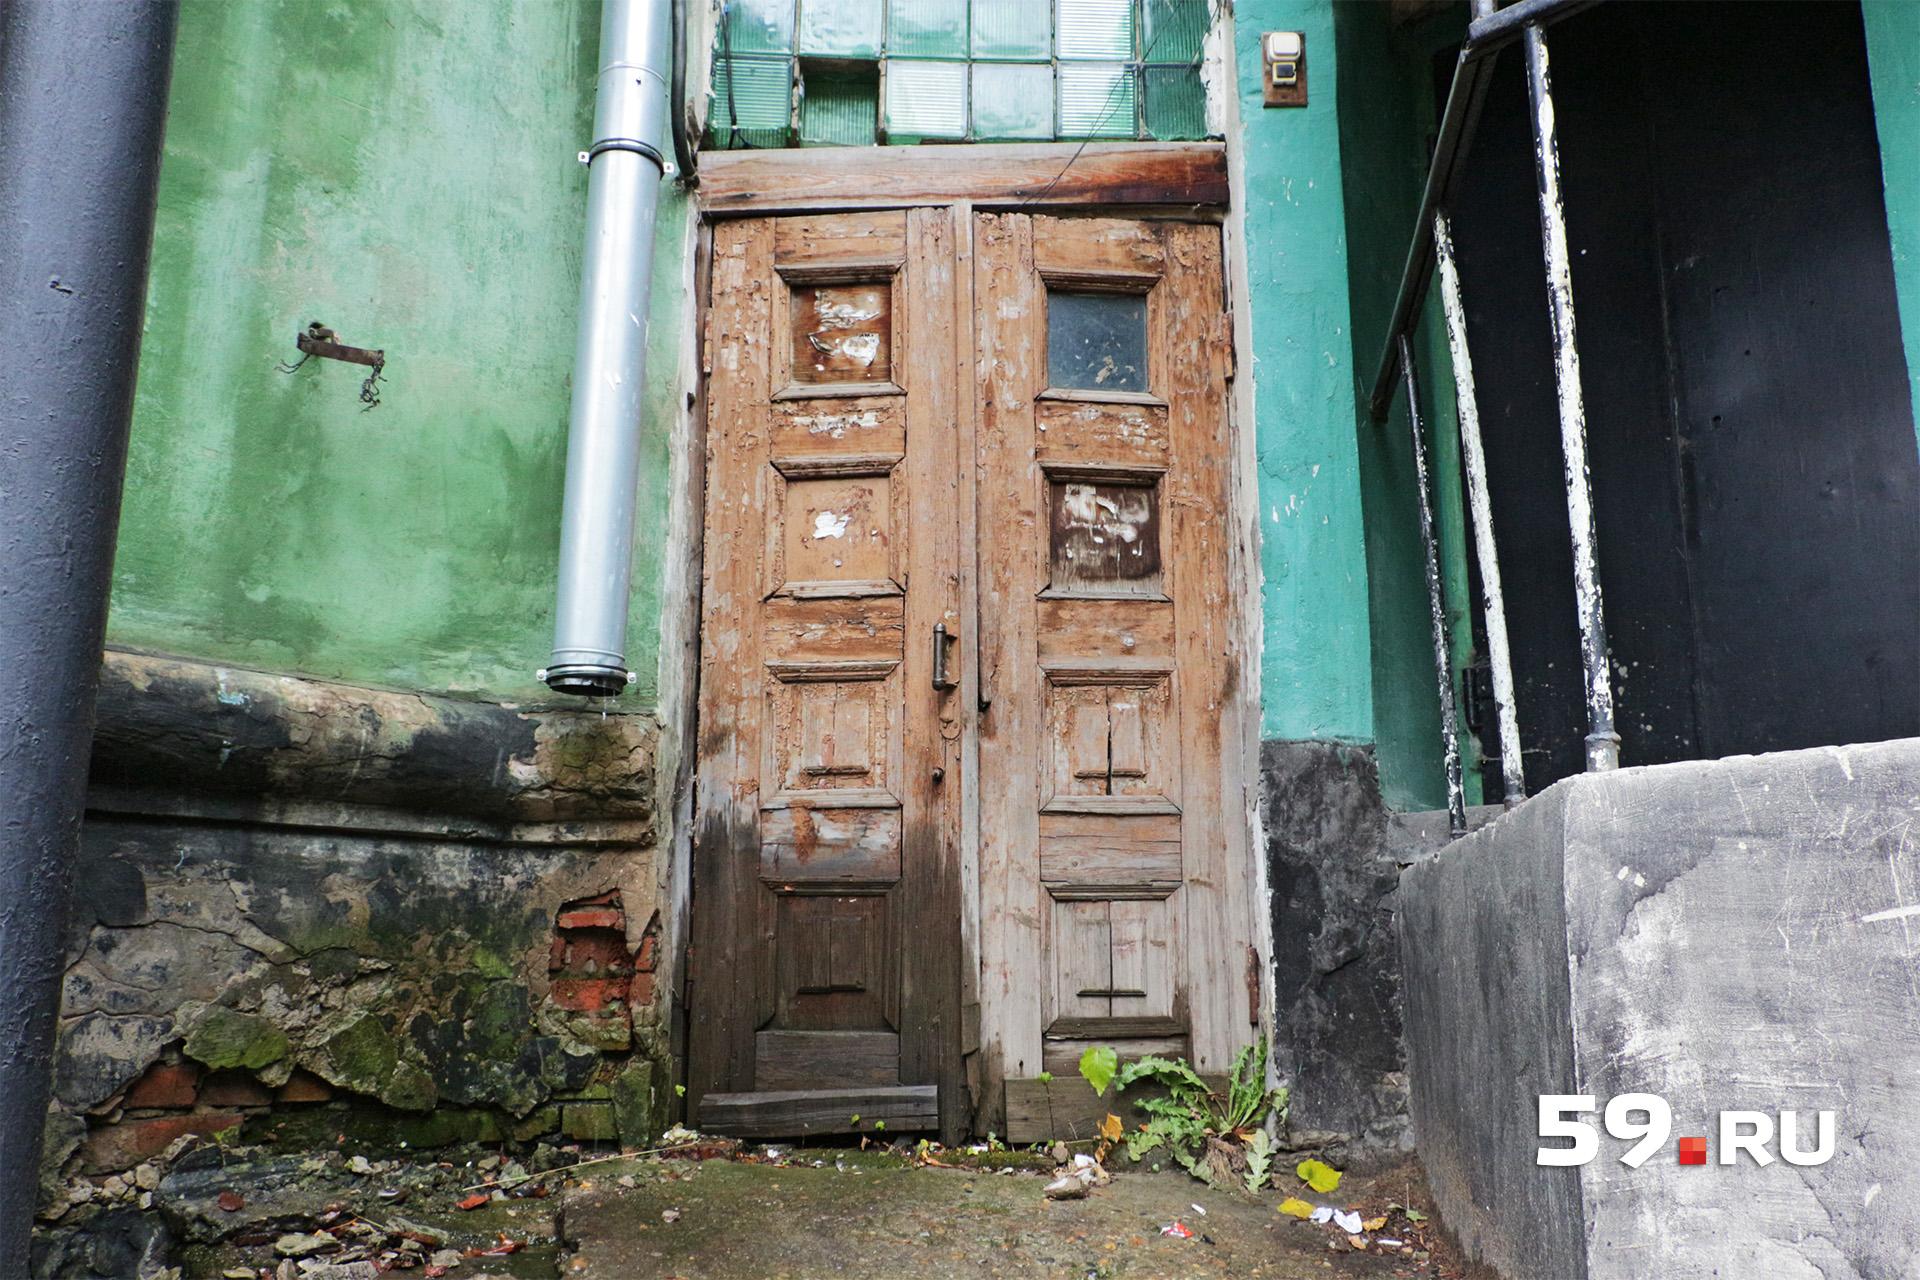 Похоже, что двери не менялись с 1930-х годов